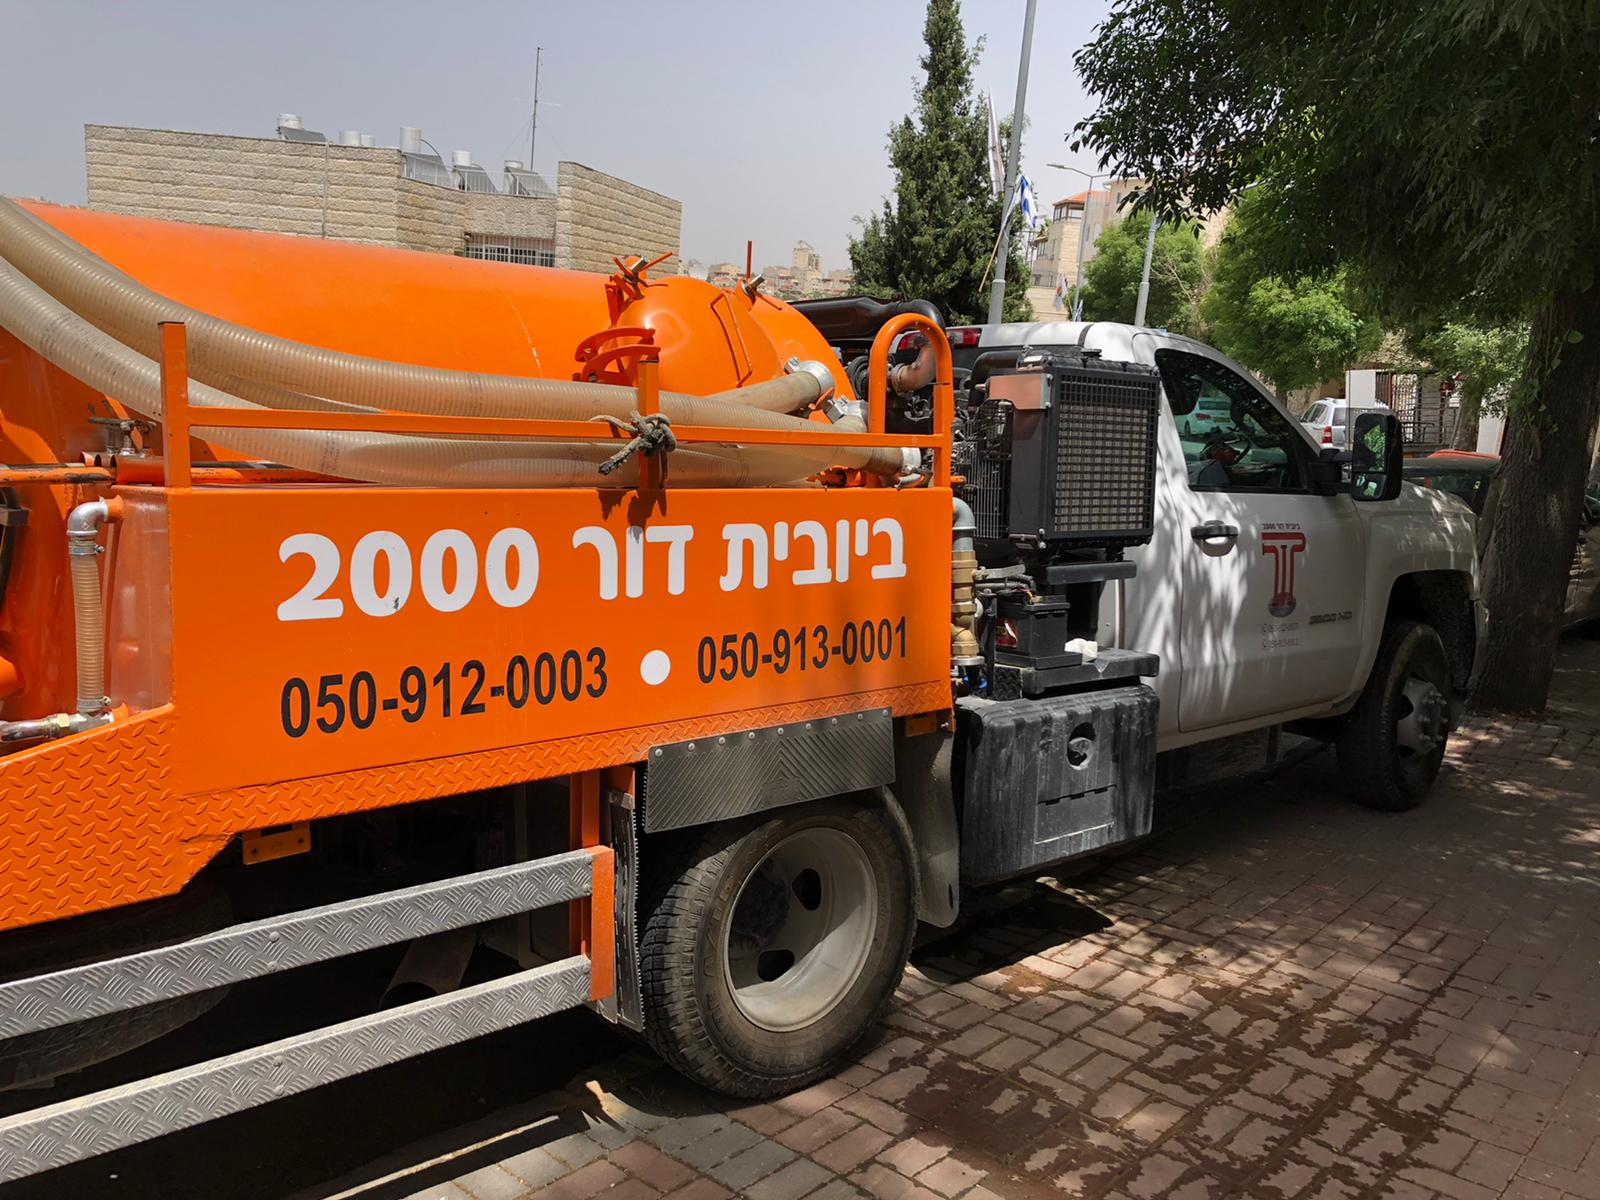 שטיפת קווים לאורך 6 וילות בשכונת רמות א׳ בירושלים.